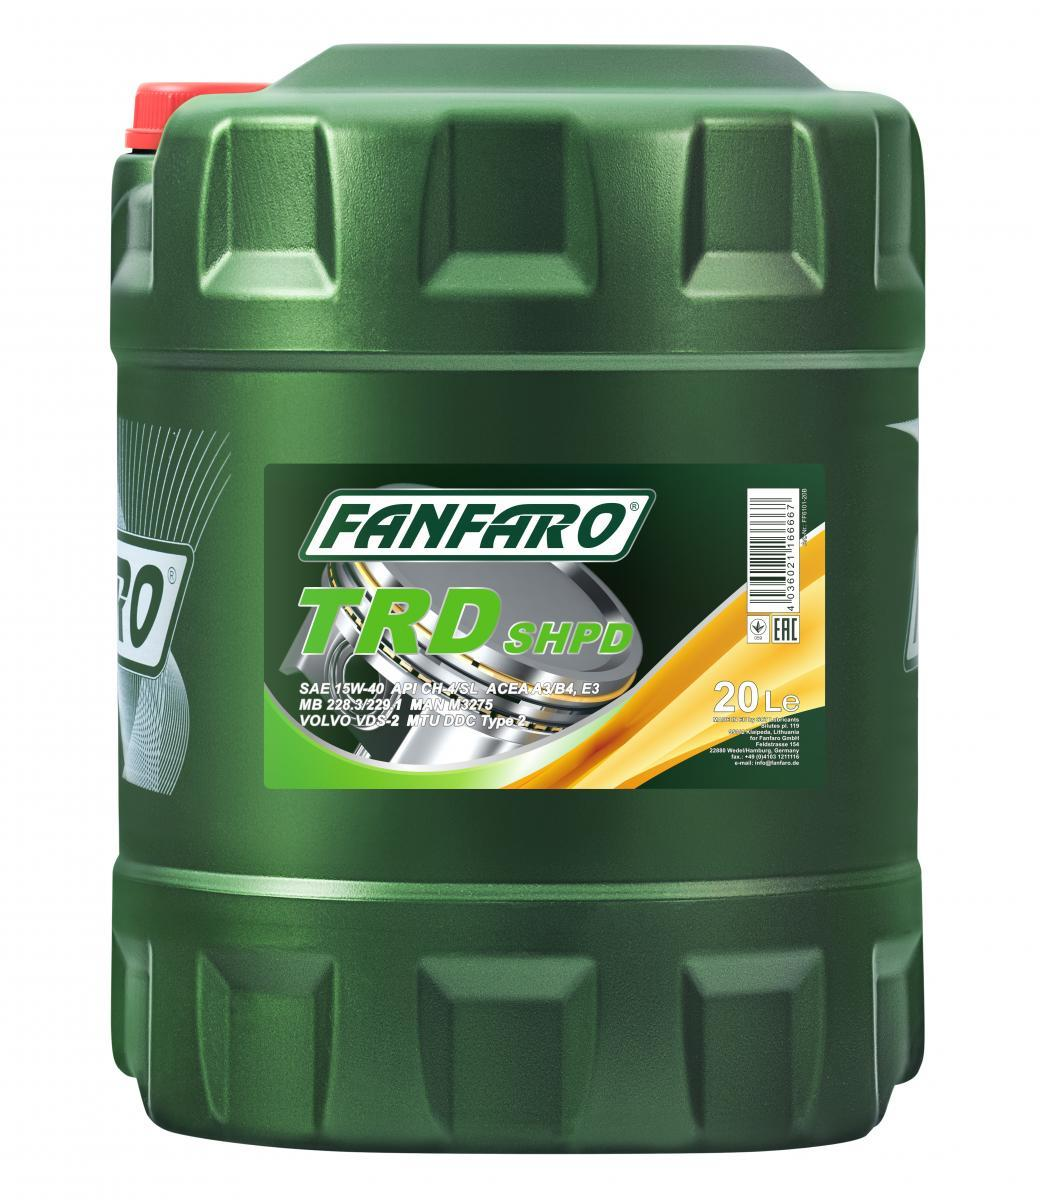 FF6101-20 FANFARO SHPD, TRD 15W-40, 20l, Mineralöl Motoröl FF6101-20 günstig kaufen